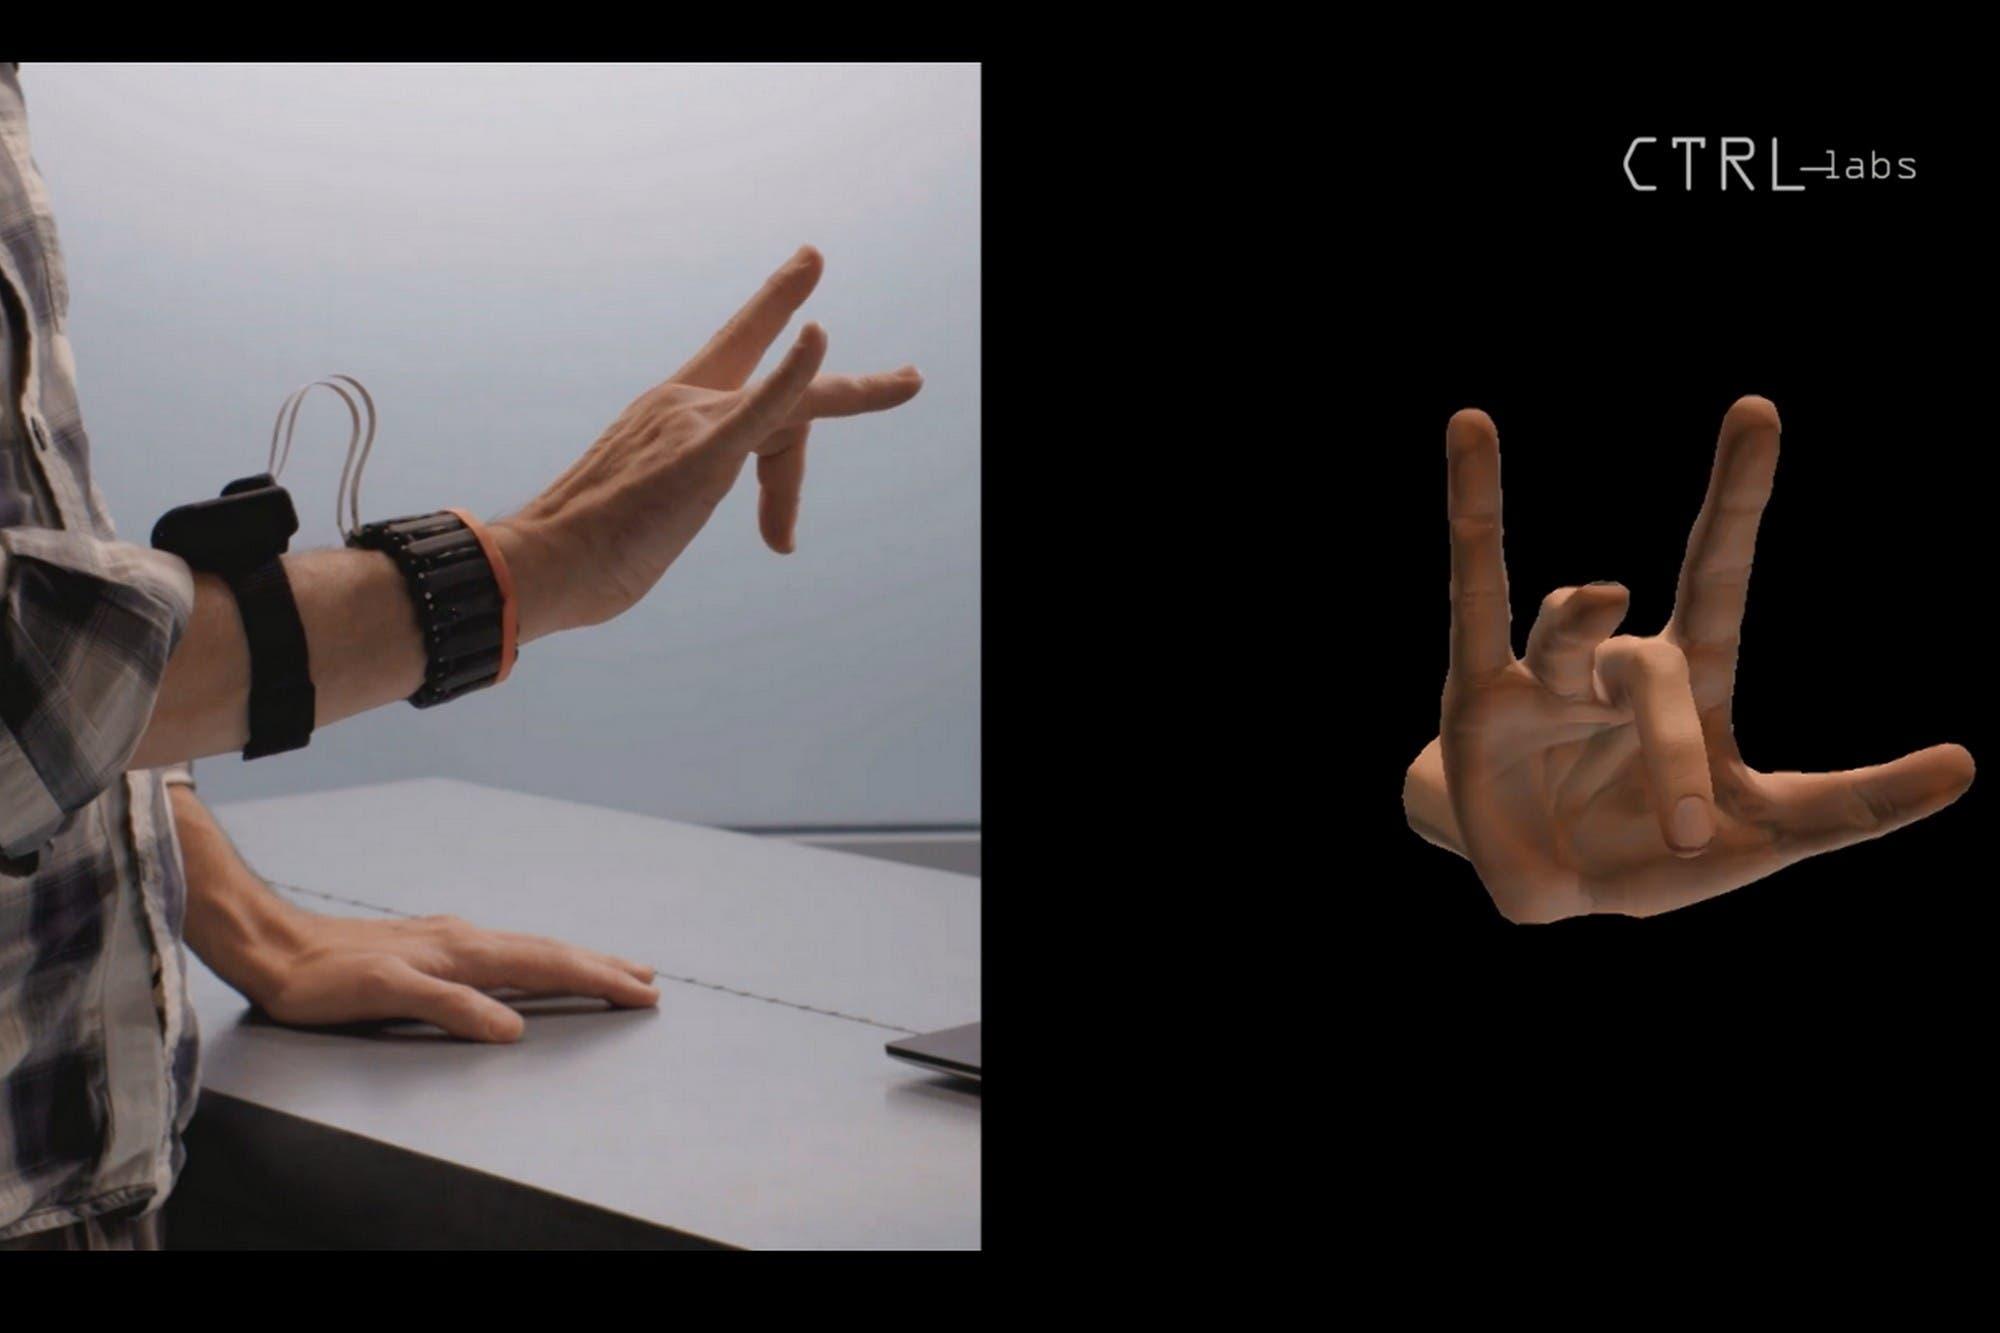 Facebook compró CTRL Labs, una firma que promete controlar una PC con la mente